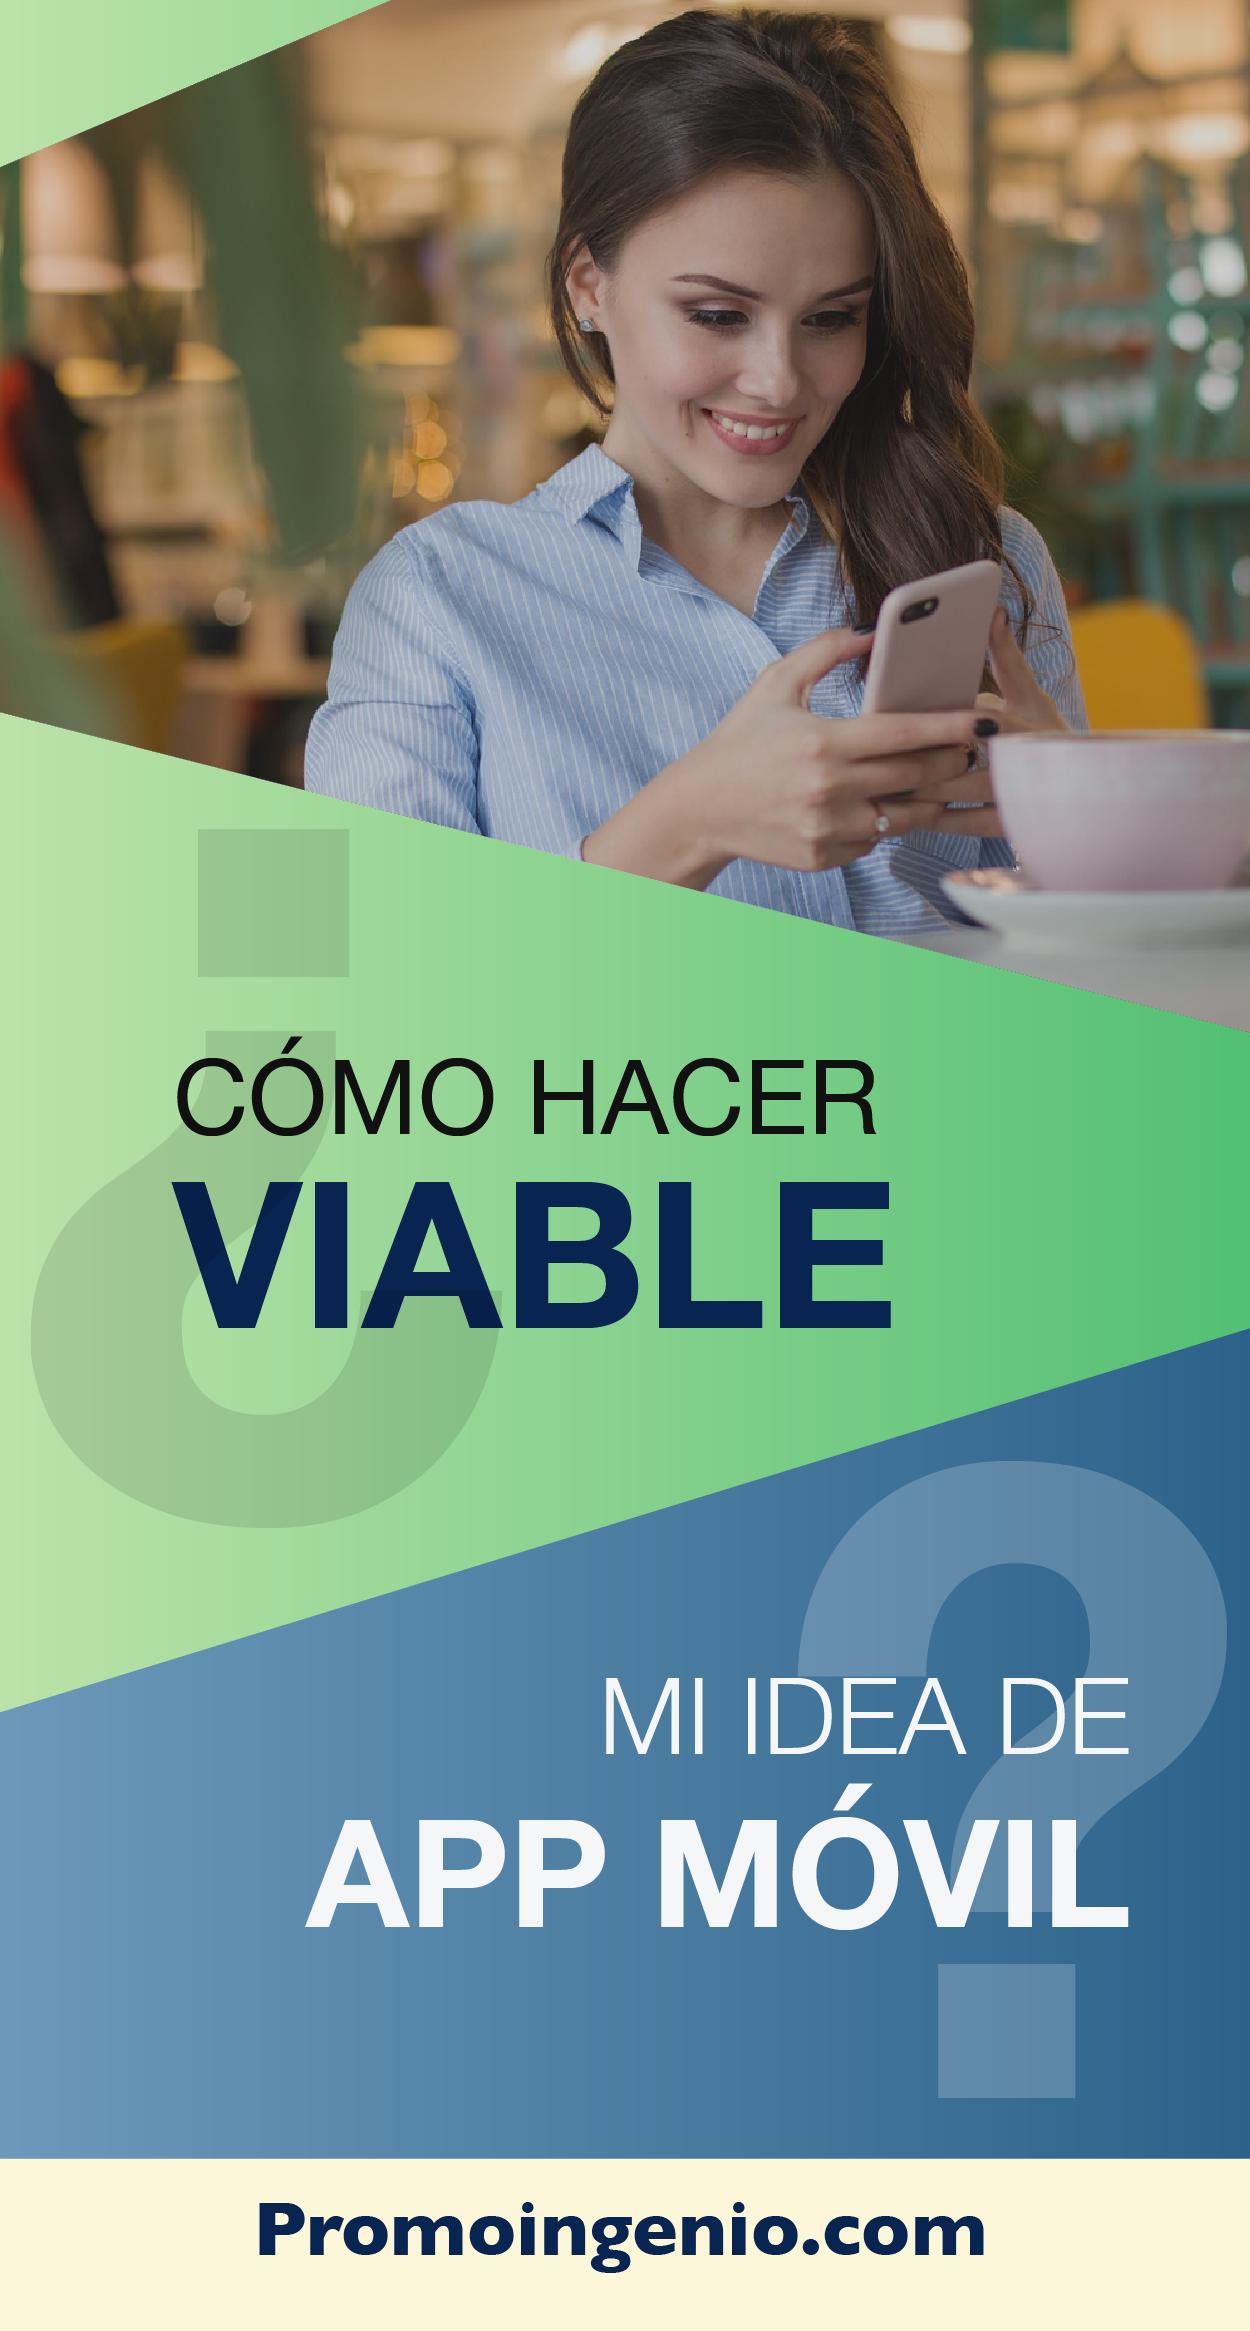 10 Pasos Para Crear Una Aplicación Móvil Consejos De Negocios Alfabetización Digital Y Iniciativa Empresarial